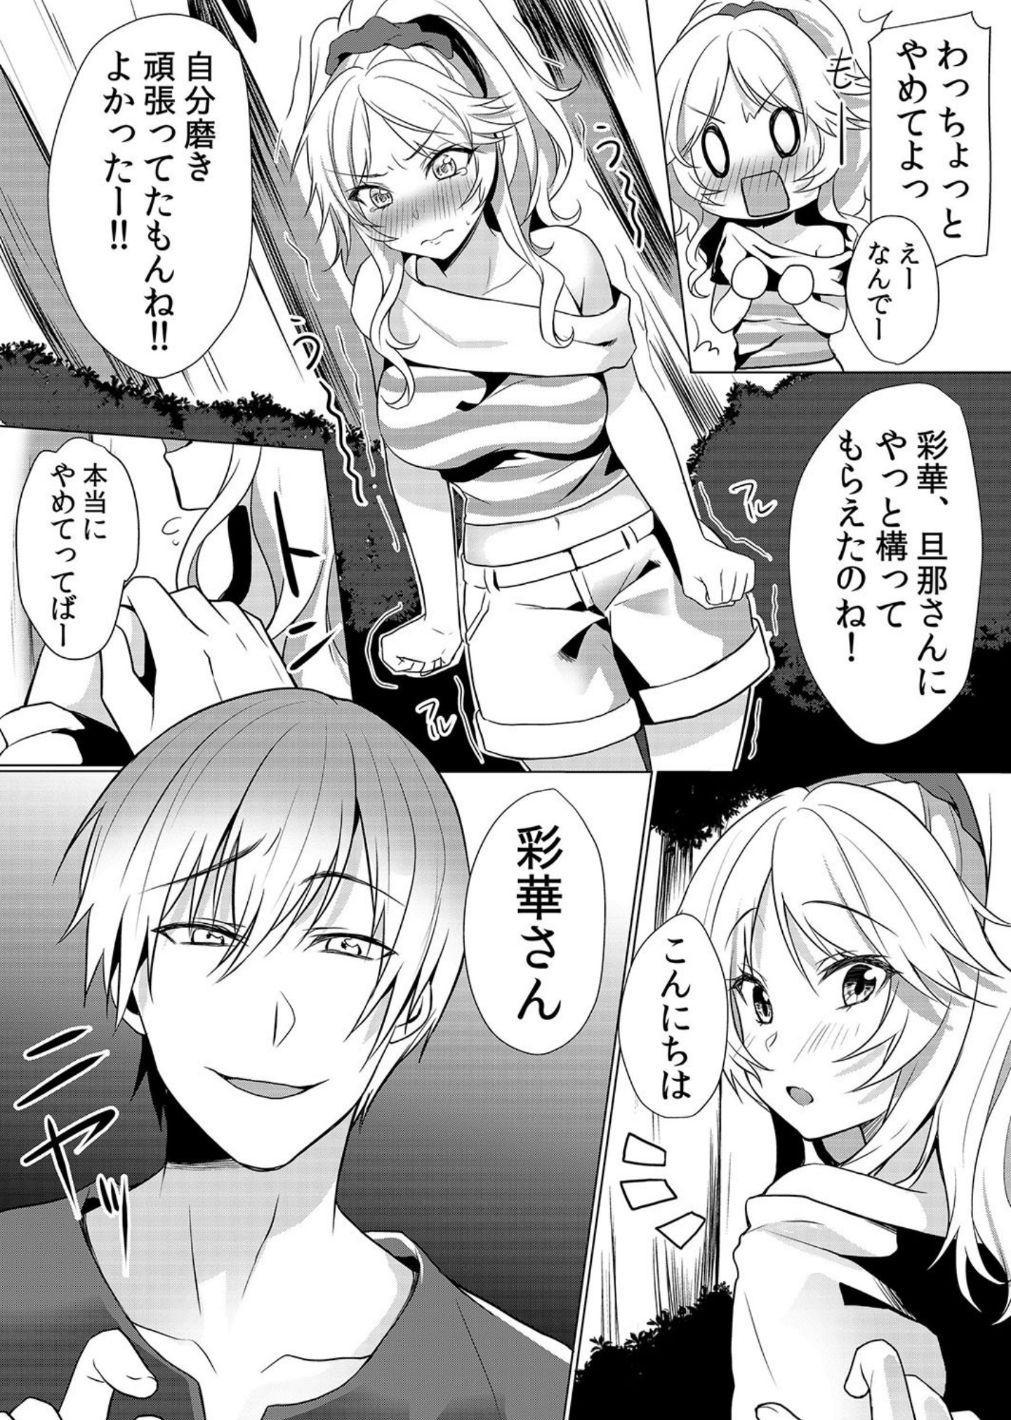 Junyuuchuu no Yanmama ni Pakopako Tanetsuke!! ~ Sonna ni Dasaretara... Milk ga Afurechau! 4 24